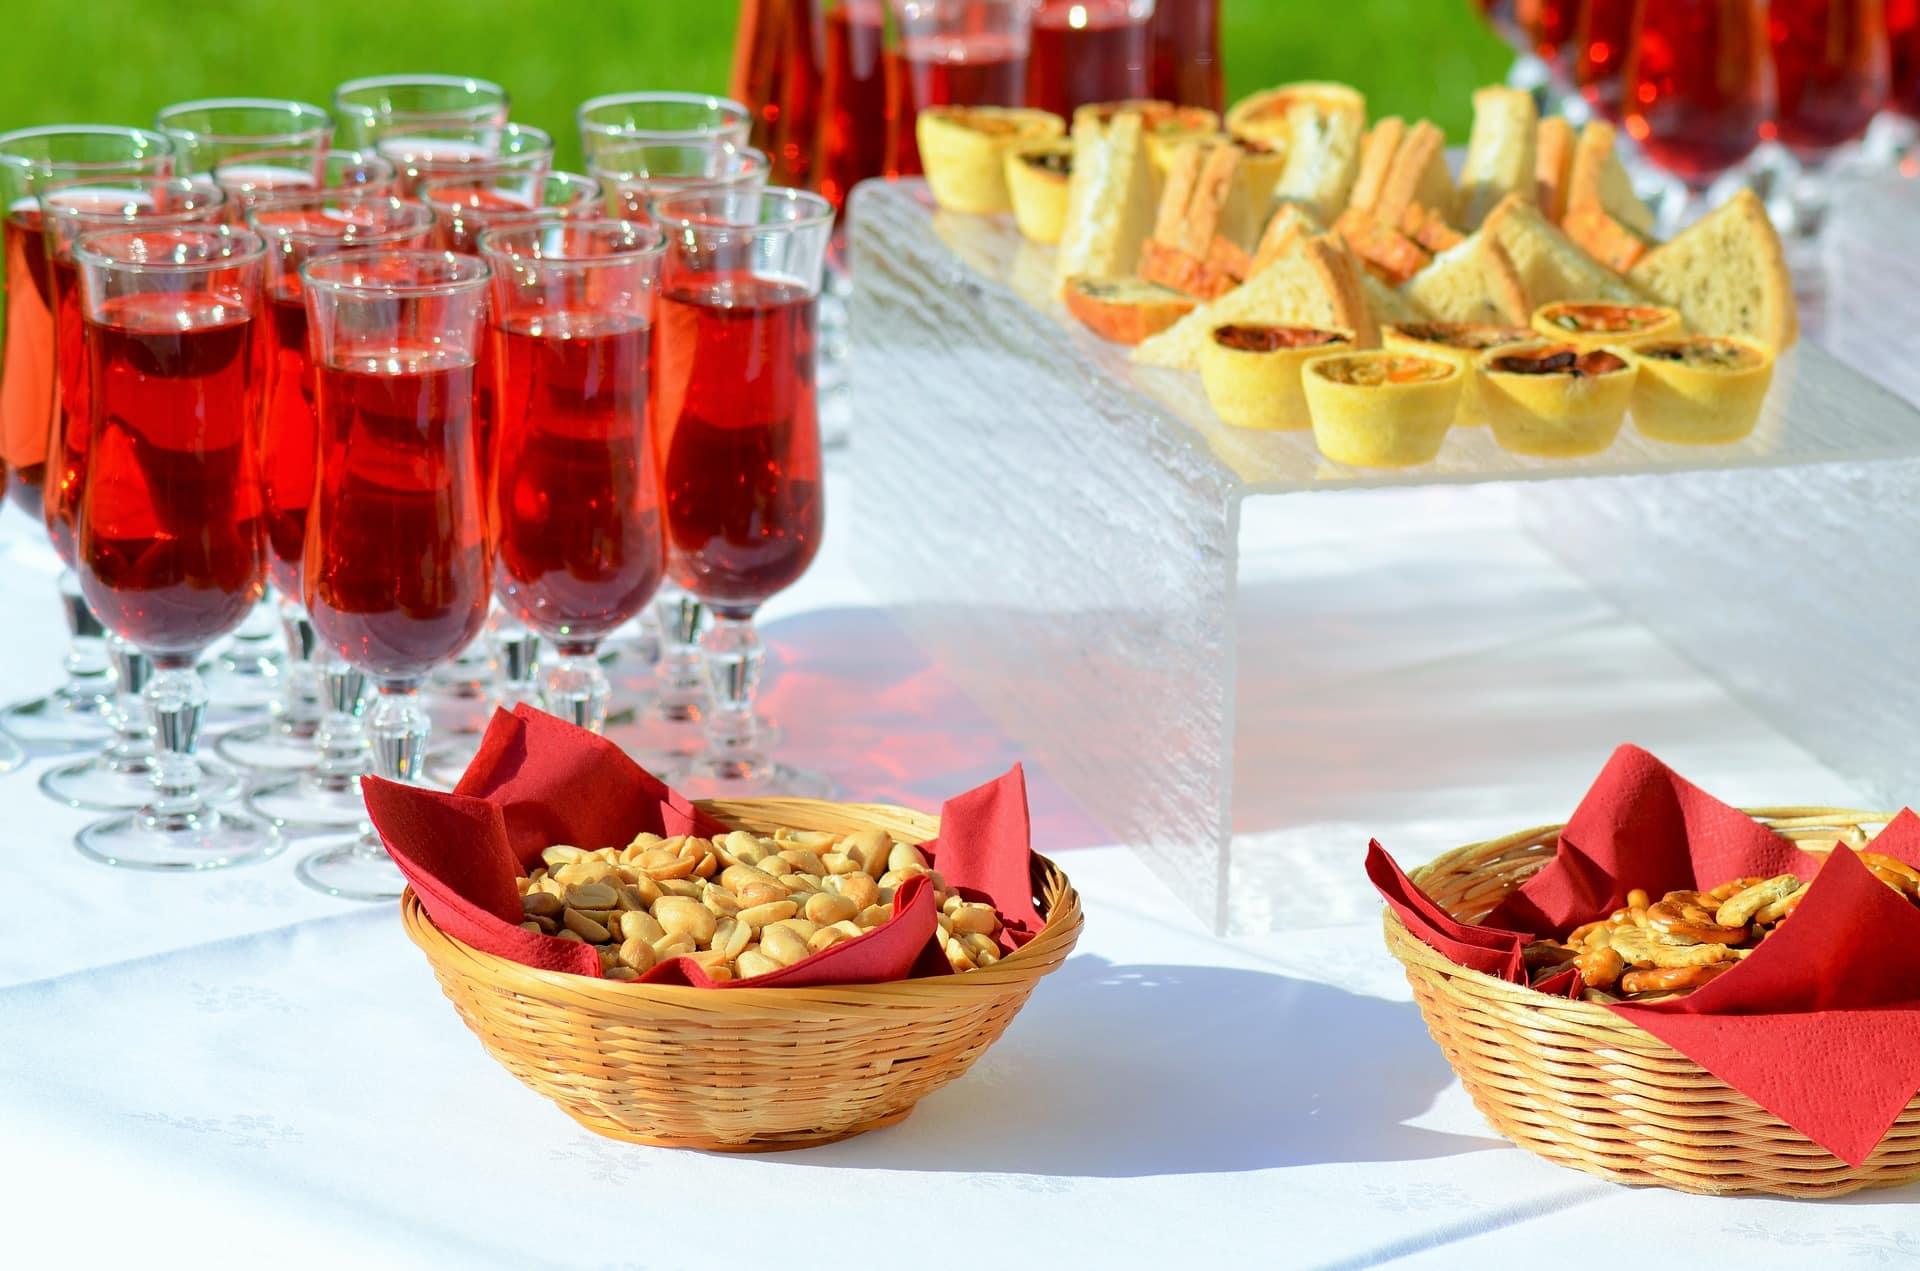 L'aperitivo: usi e proposte around Italy